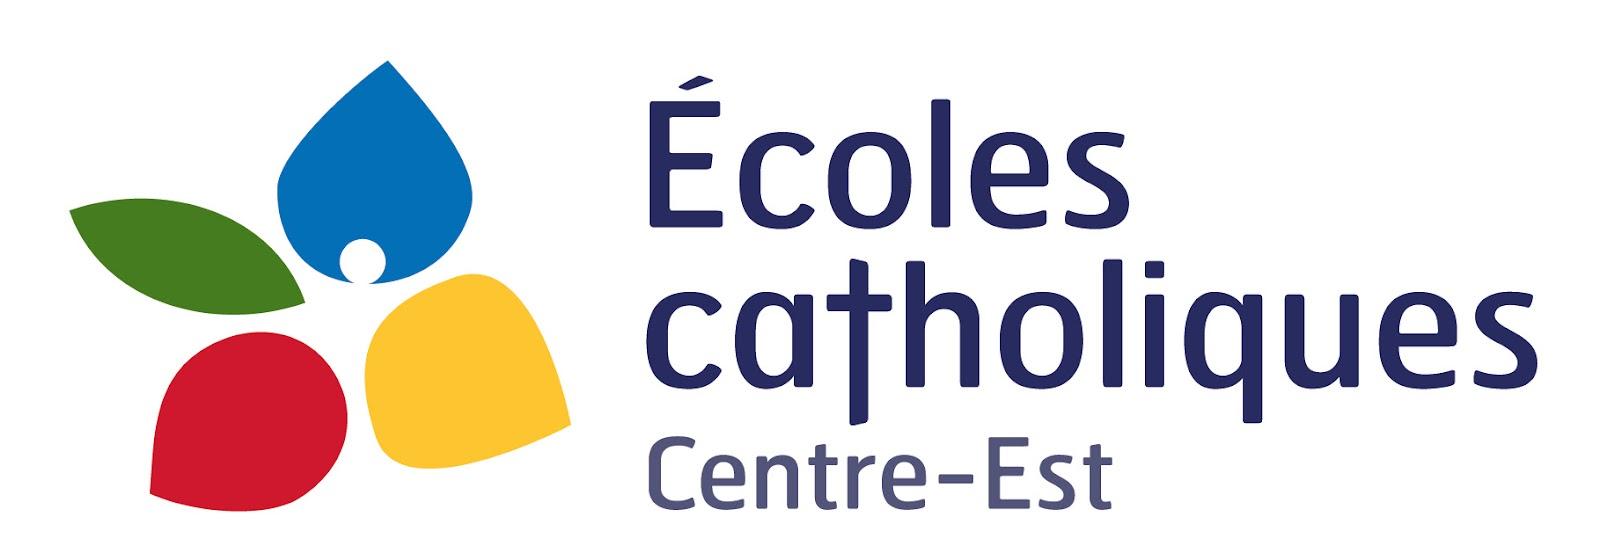 Conseil des écoles catholiques du Centre-Est (CECCE) - Négociations